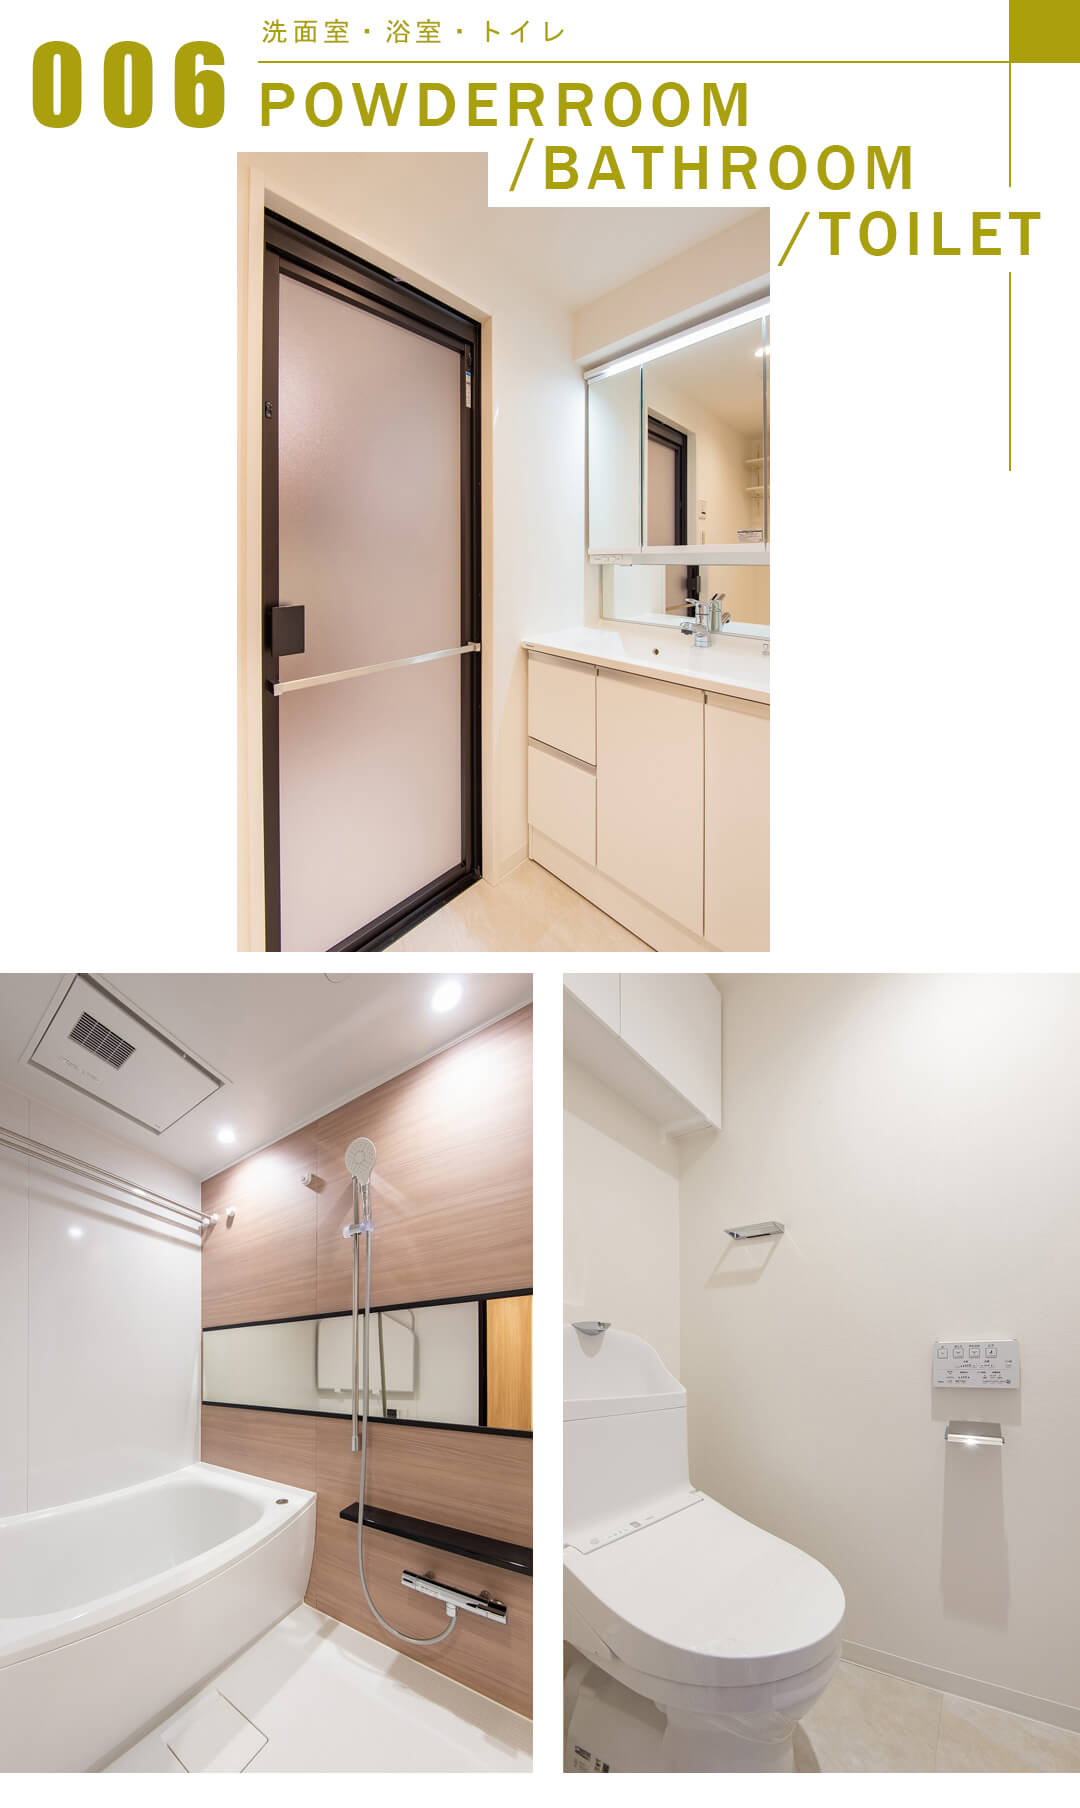 サンパレス田端壱番館の洗面室と浴室とトイレ